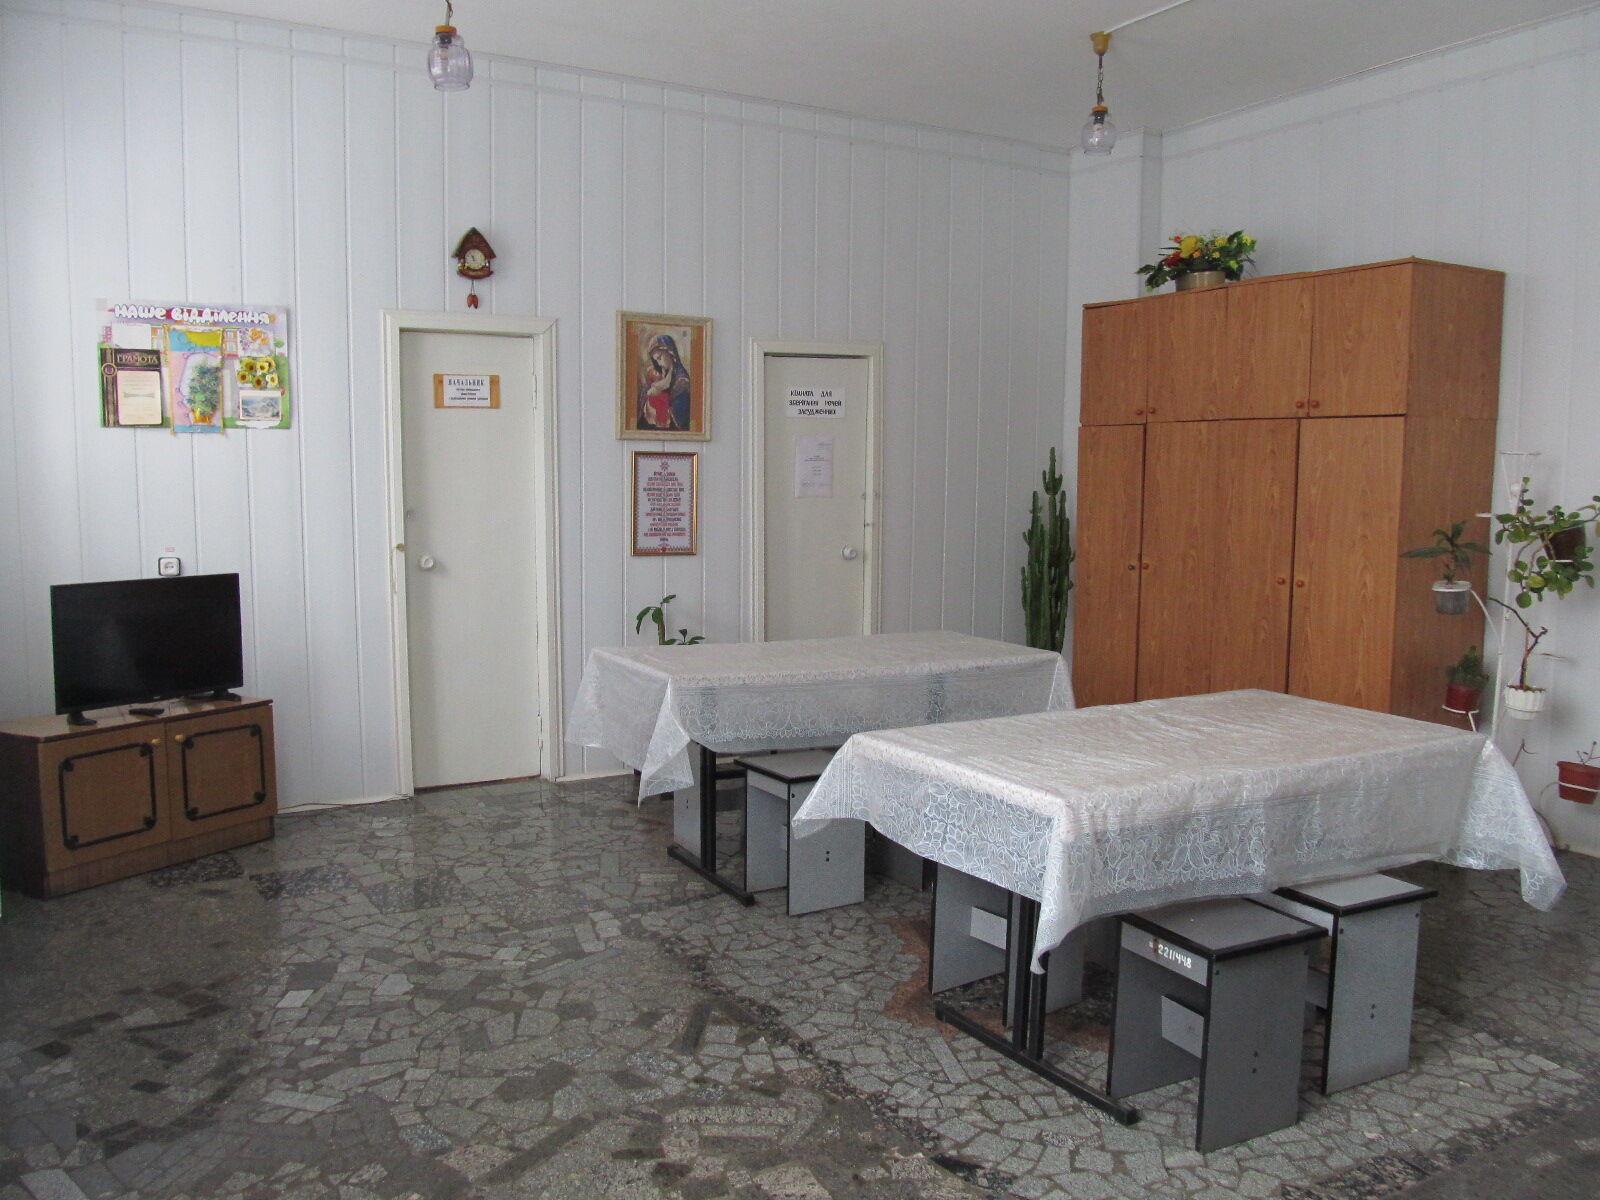 В секторе, где находится Зайцева, комнаты социально-воспитательной работы и приема пищи объединены в одну